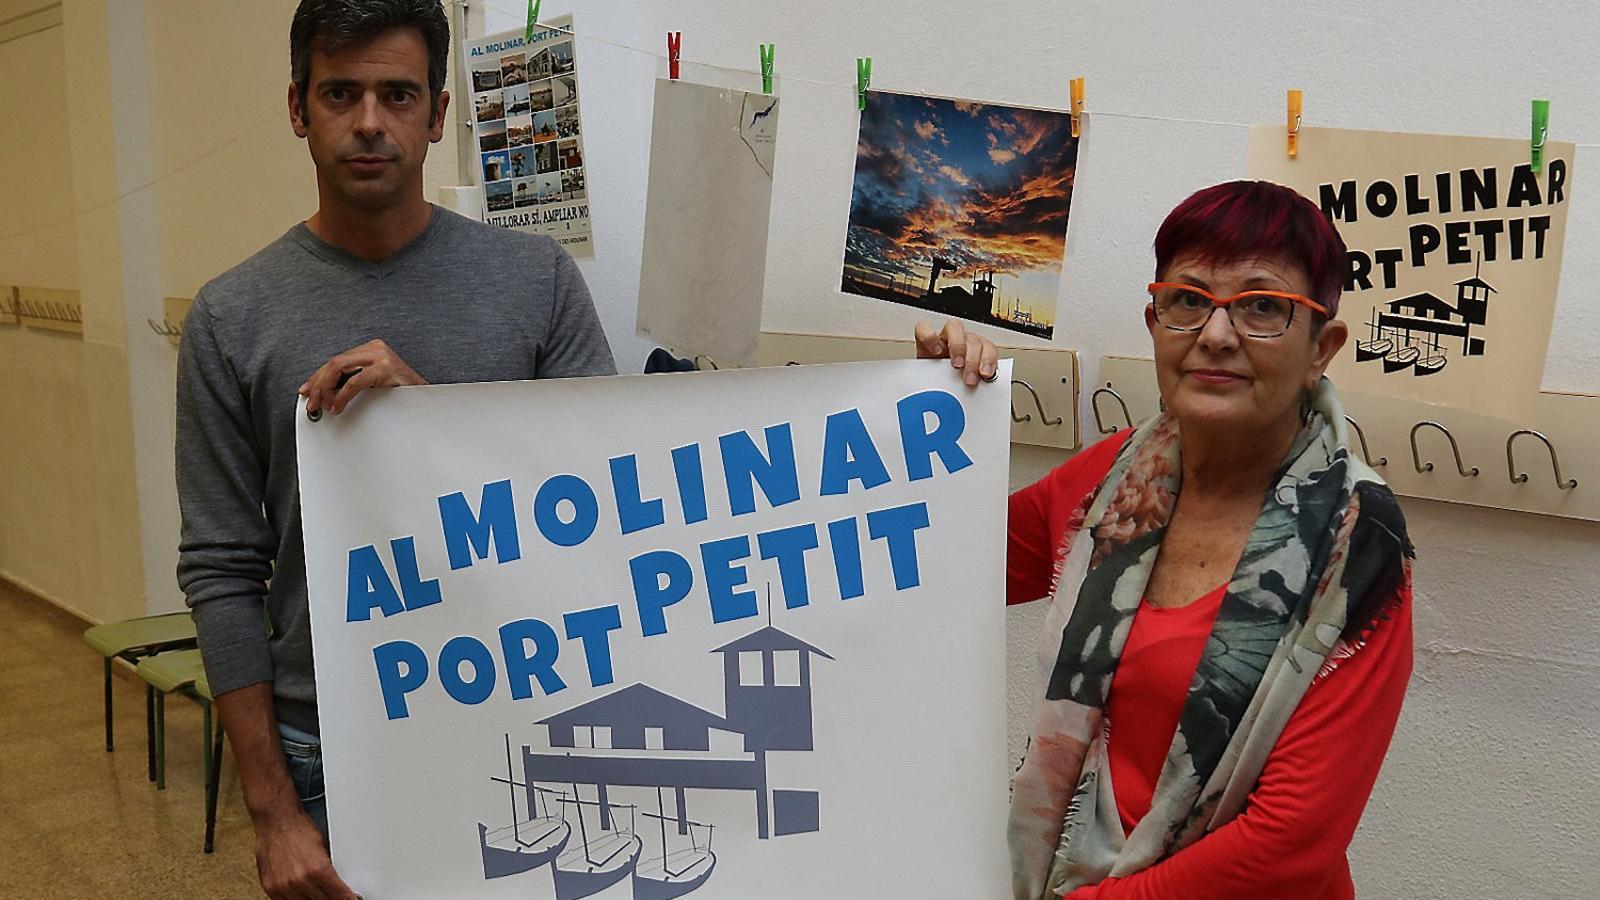 Pedro Martínez i Toñi Fernández són els portaveus d'Al Molinar Port Petit.